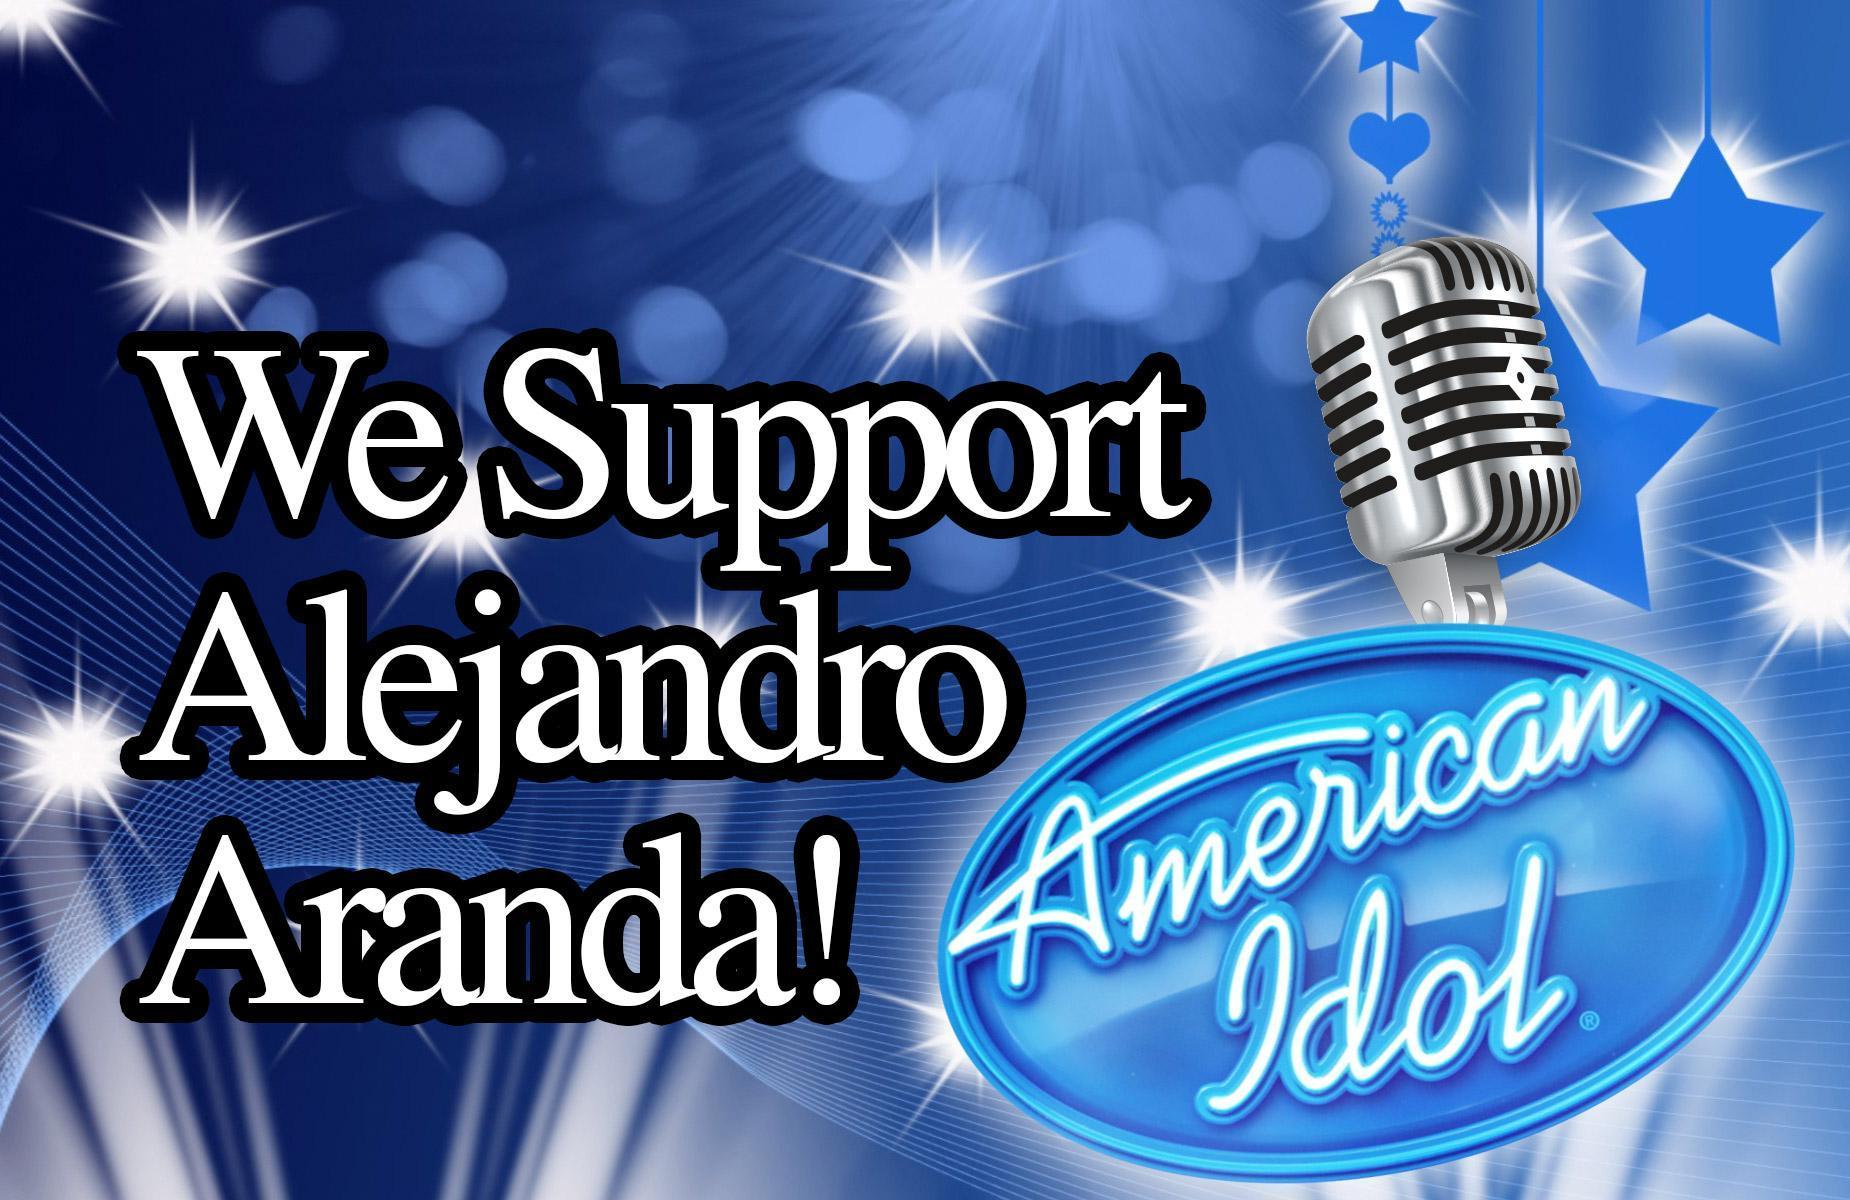 We Support Alejandro Aranda!